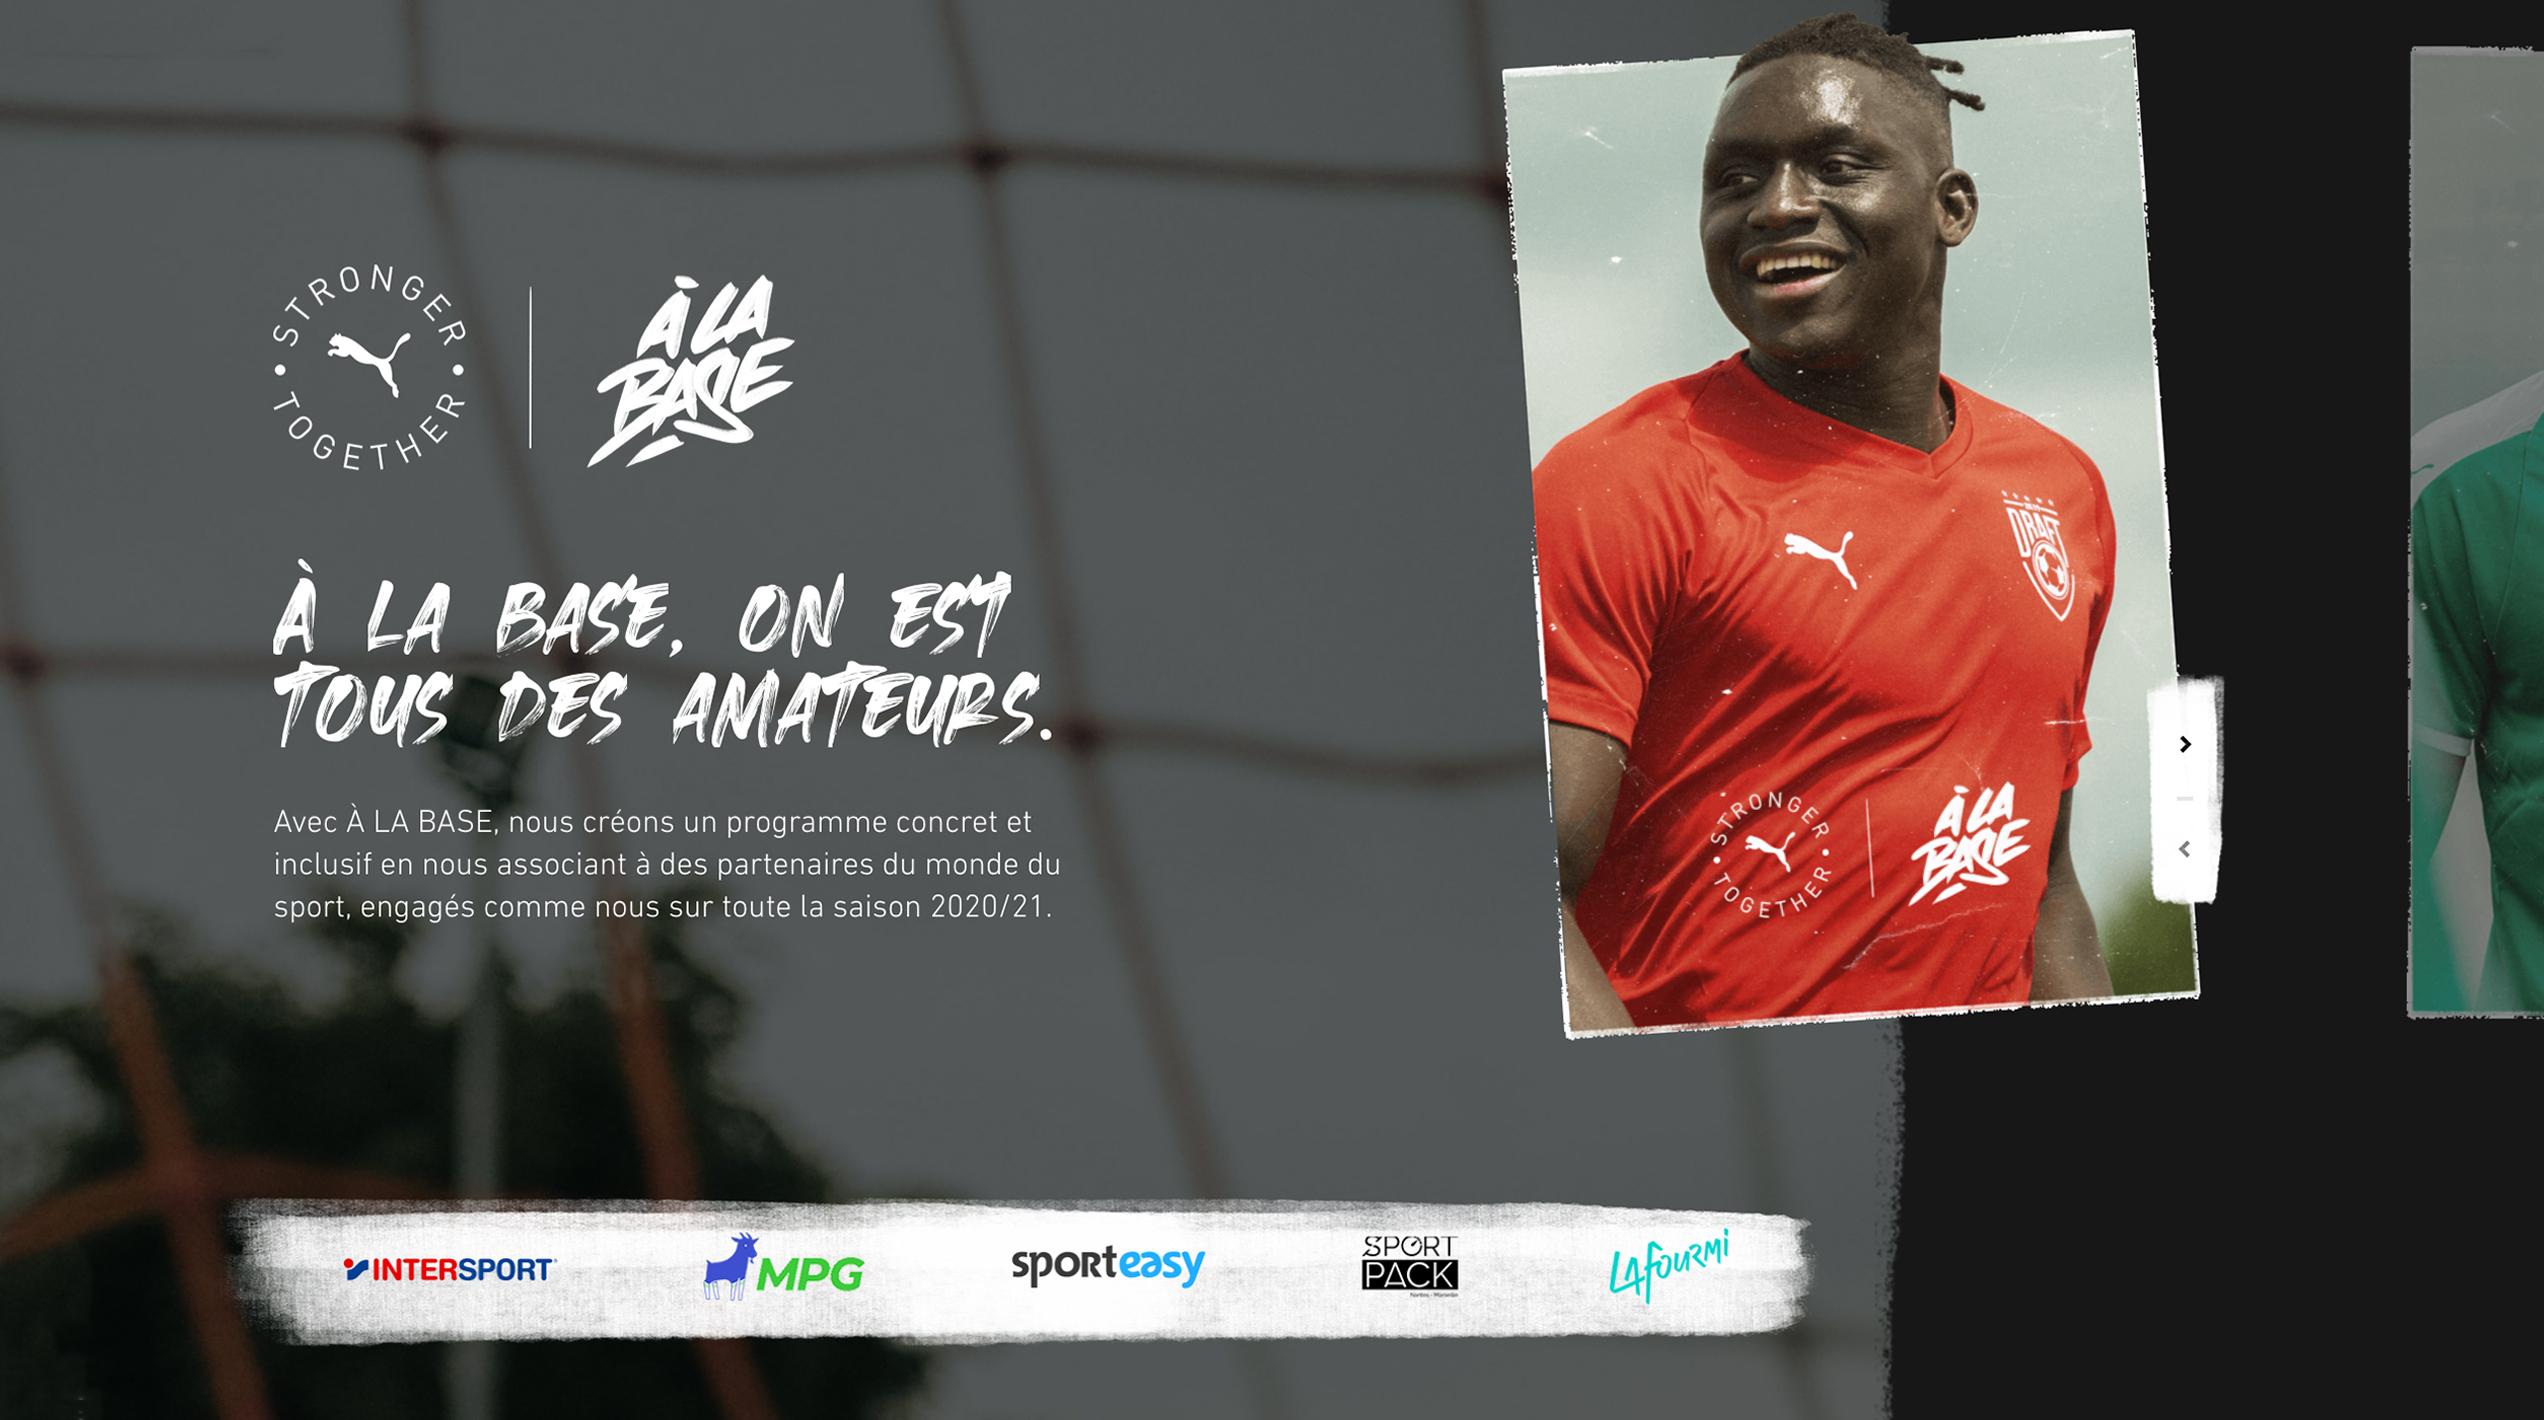 News_actualite_ouverture_PUMA_lance_A_la_Base_mouvement_de_soutien_aux_clubs_amateurs_initiative_de_LaFourmi